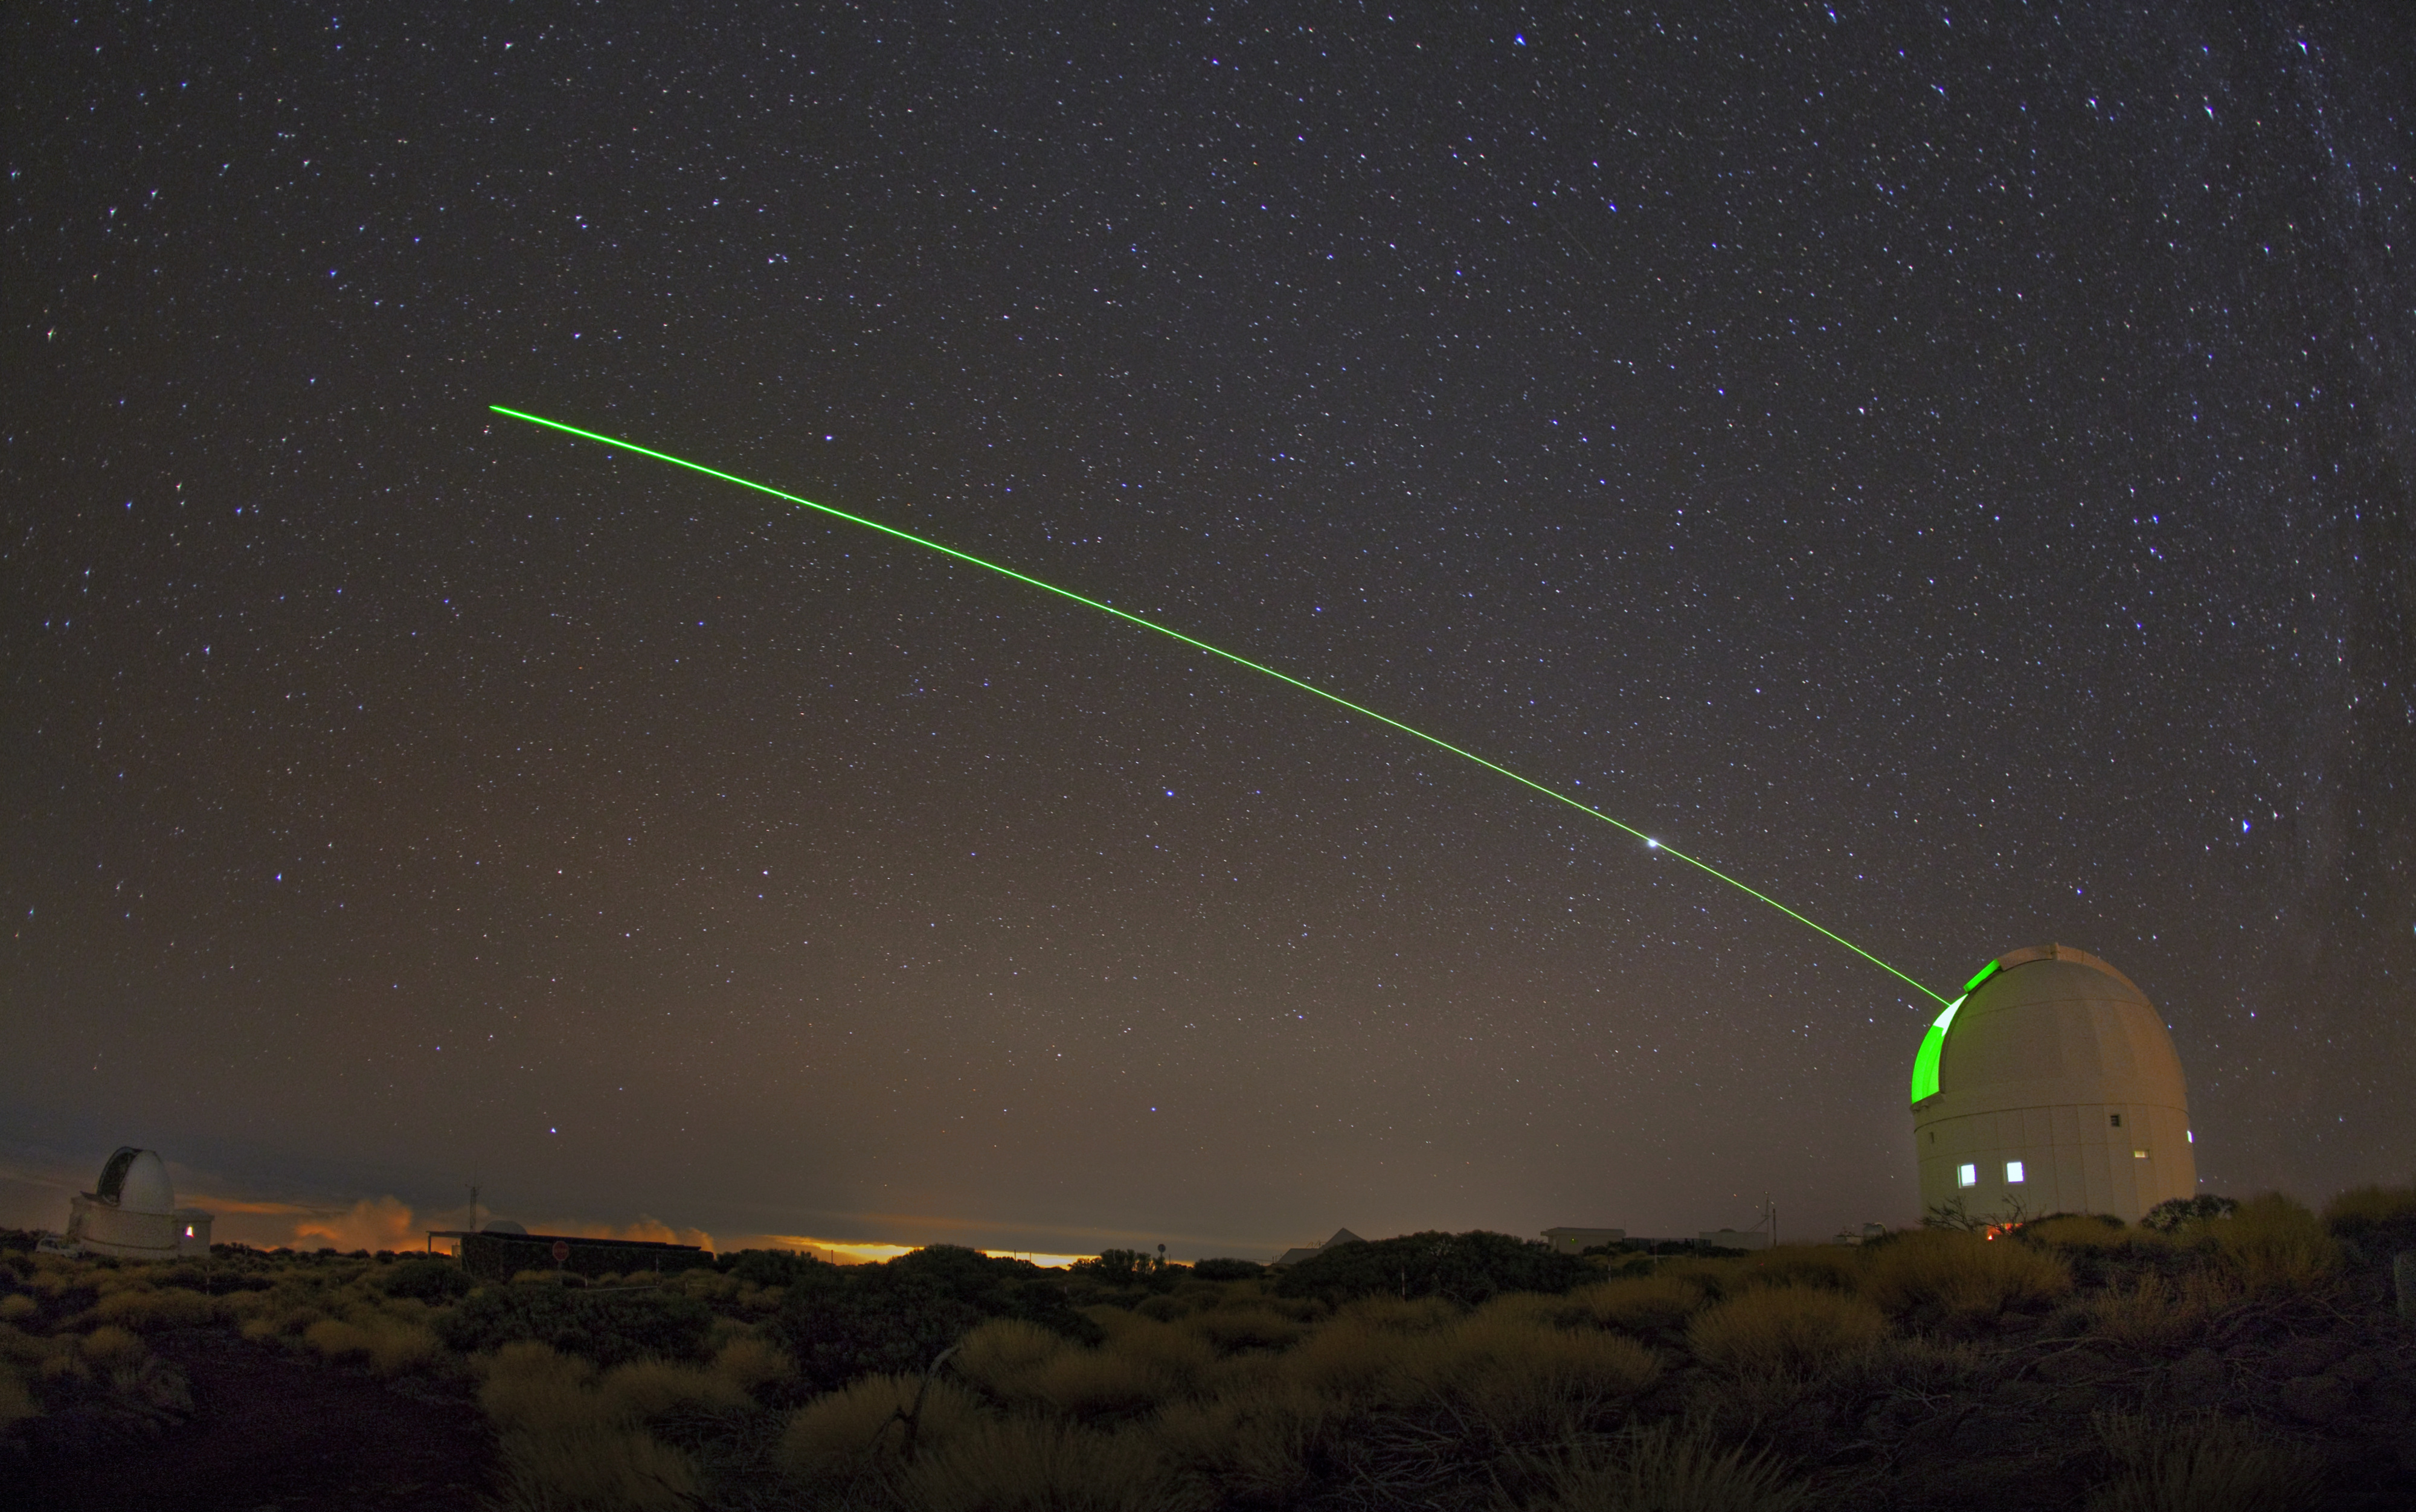 Nu kan forskare upptäcka rymdskrot med laser även i dagsljus